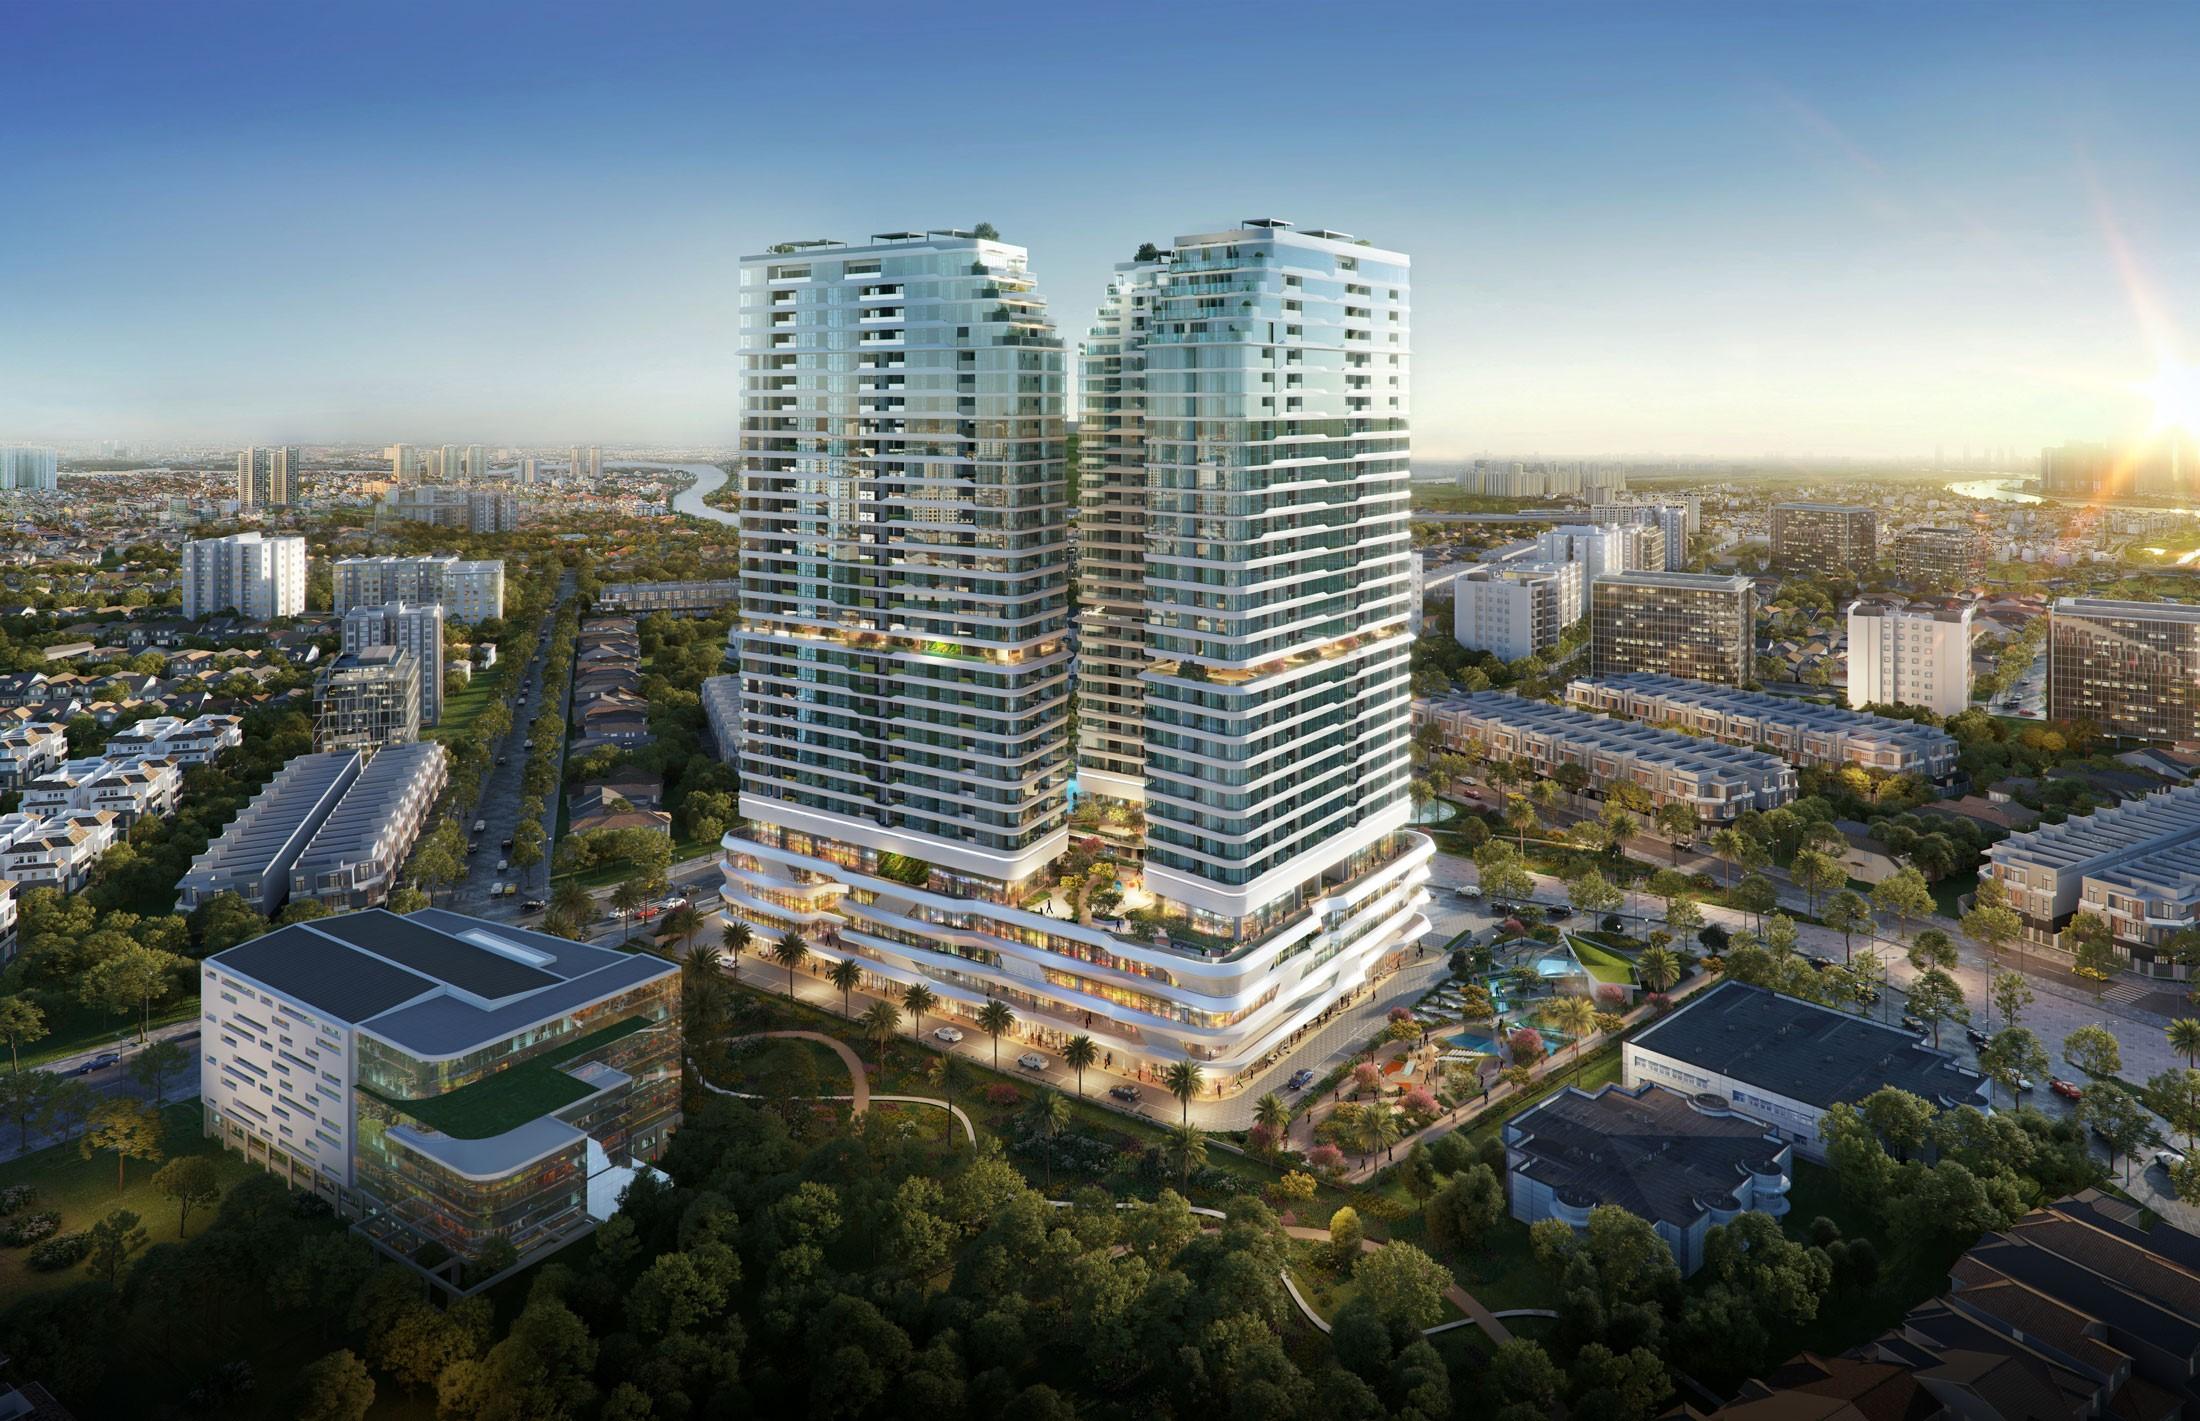 Phối cảnh một dự án có giá bán hơn 100 triệu đồng một m2 tại Thủ Đức, TP HCM. Ảnh: Bamboo Capital Land.